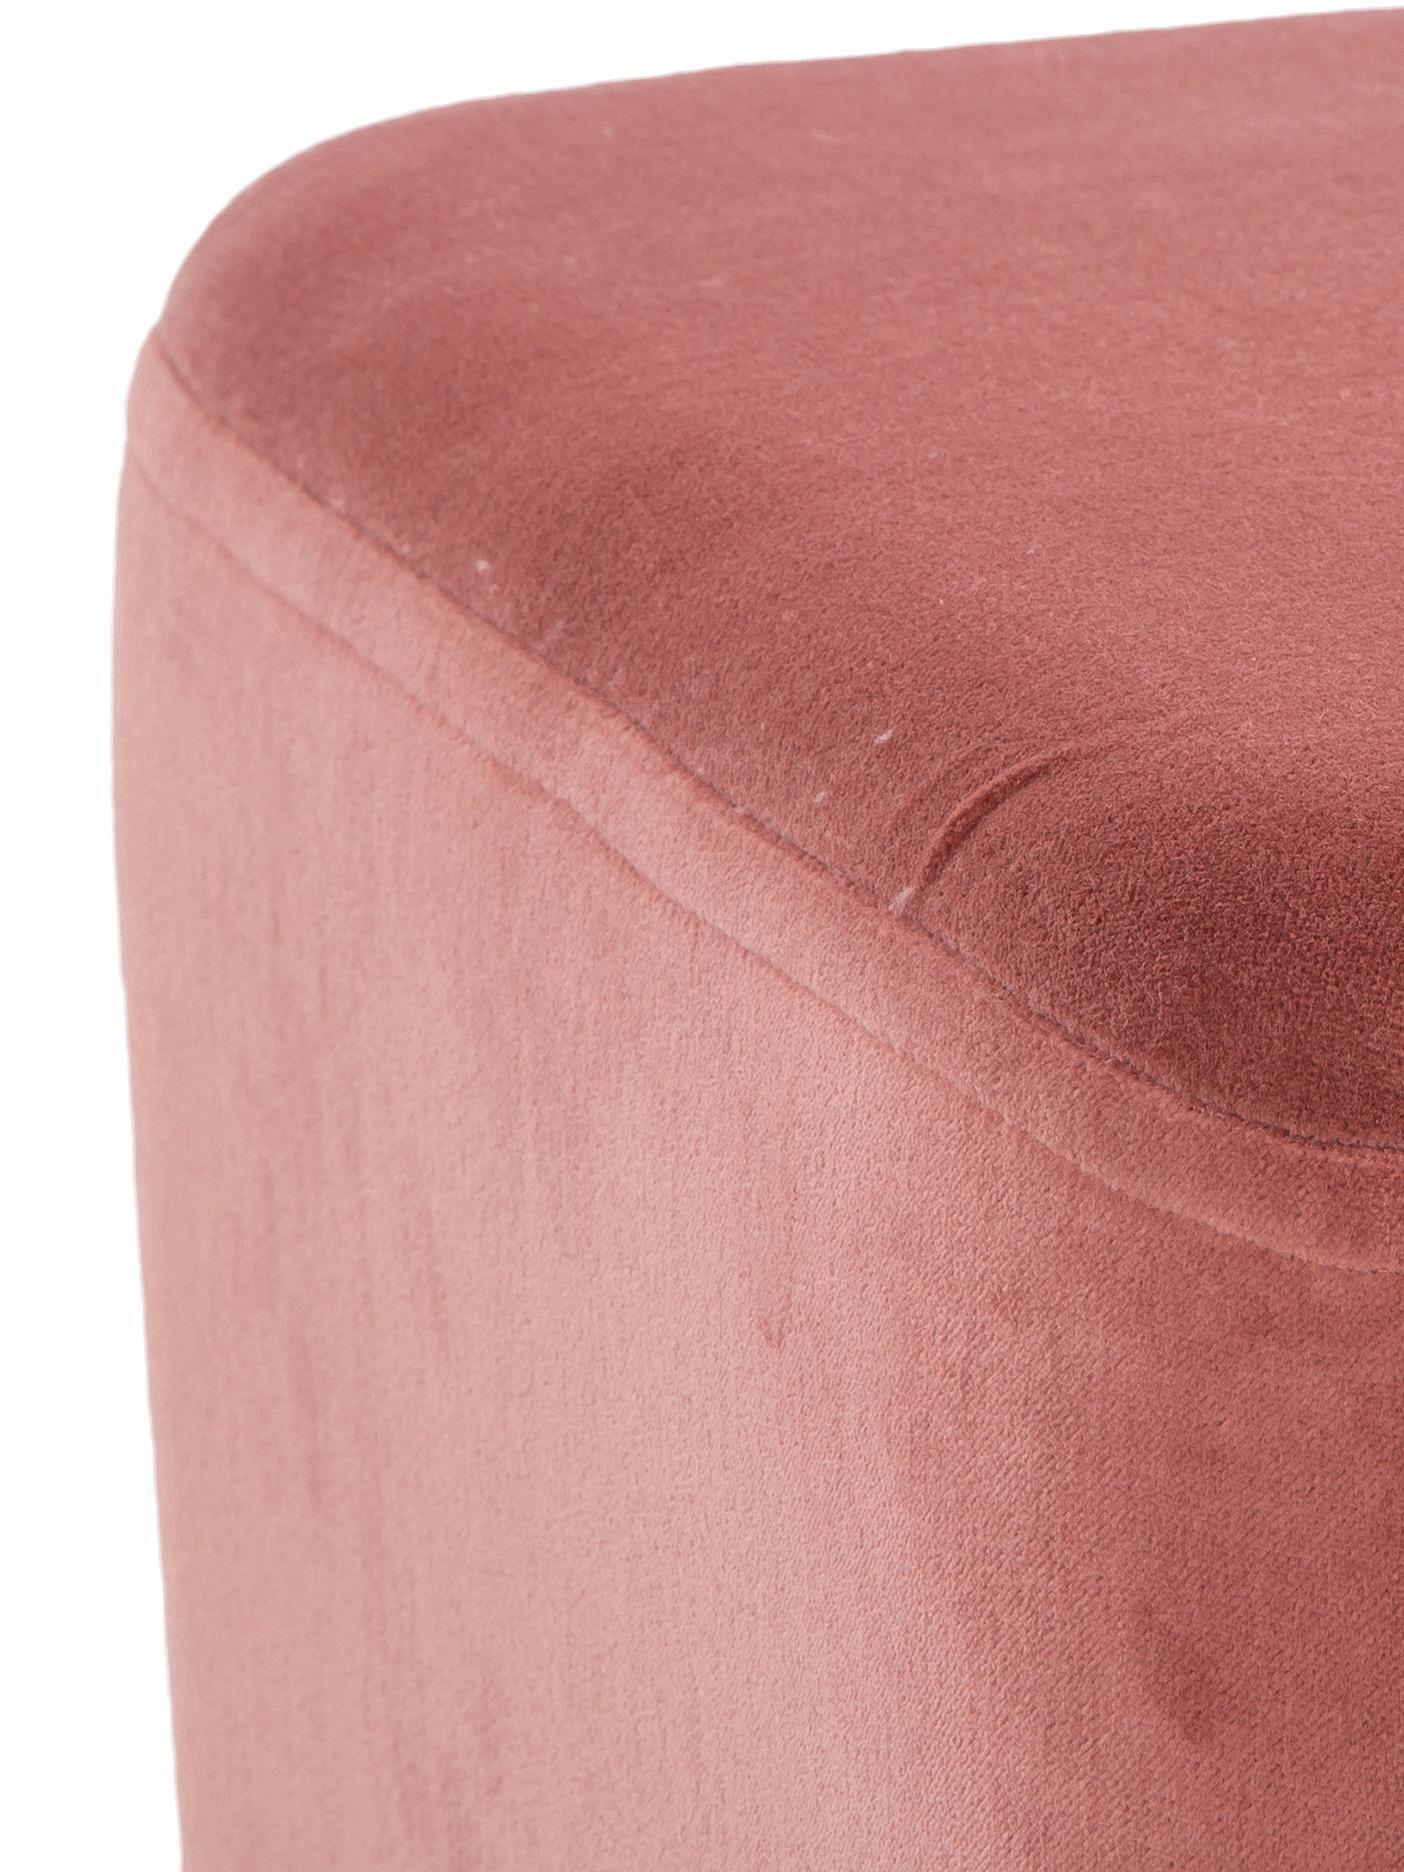 XL Samt-Hocker Harper, Bezug: Baumwollsamt, Fuß: Metall, pulverbeschichtet, Koralle, Goldfarben, 64 x 44 cm